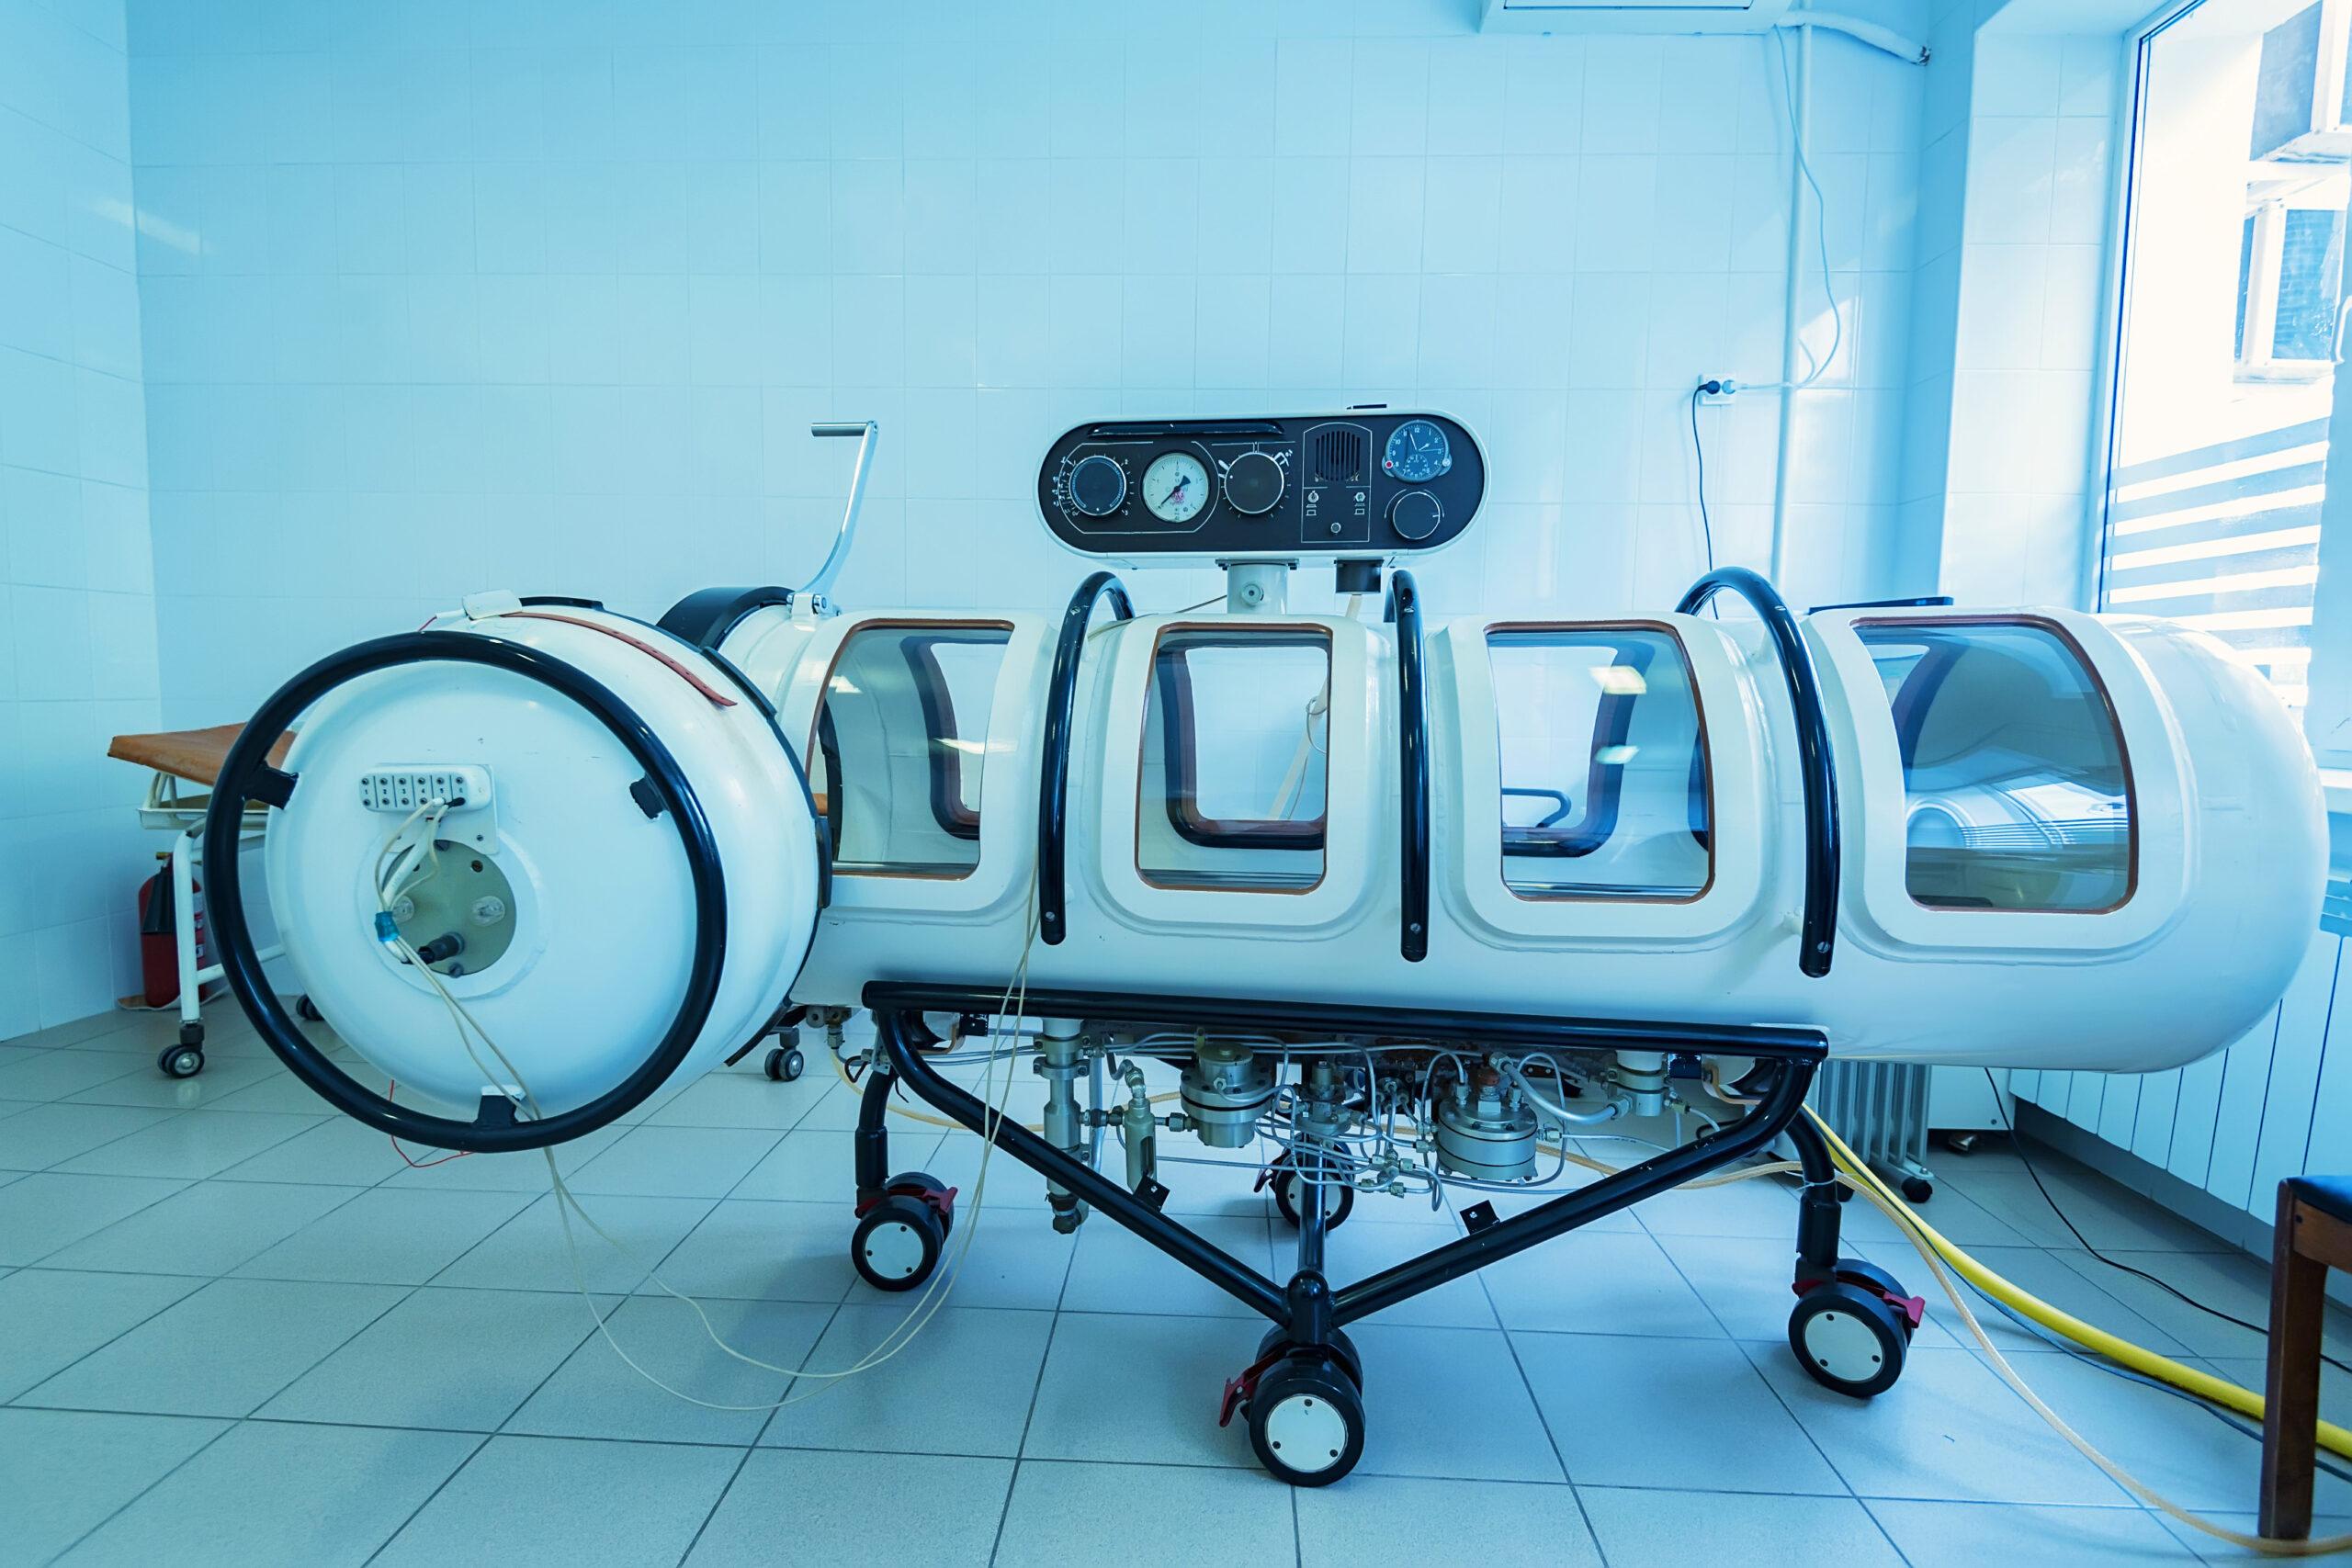 רפואה היפרבארית: שימוש בתא לחץ עשוי לשפר מהירות חשיבה